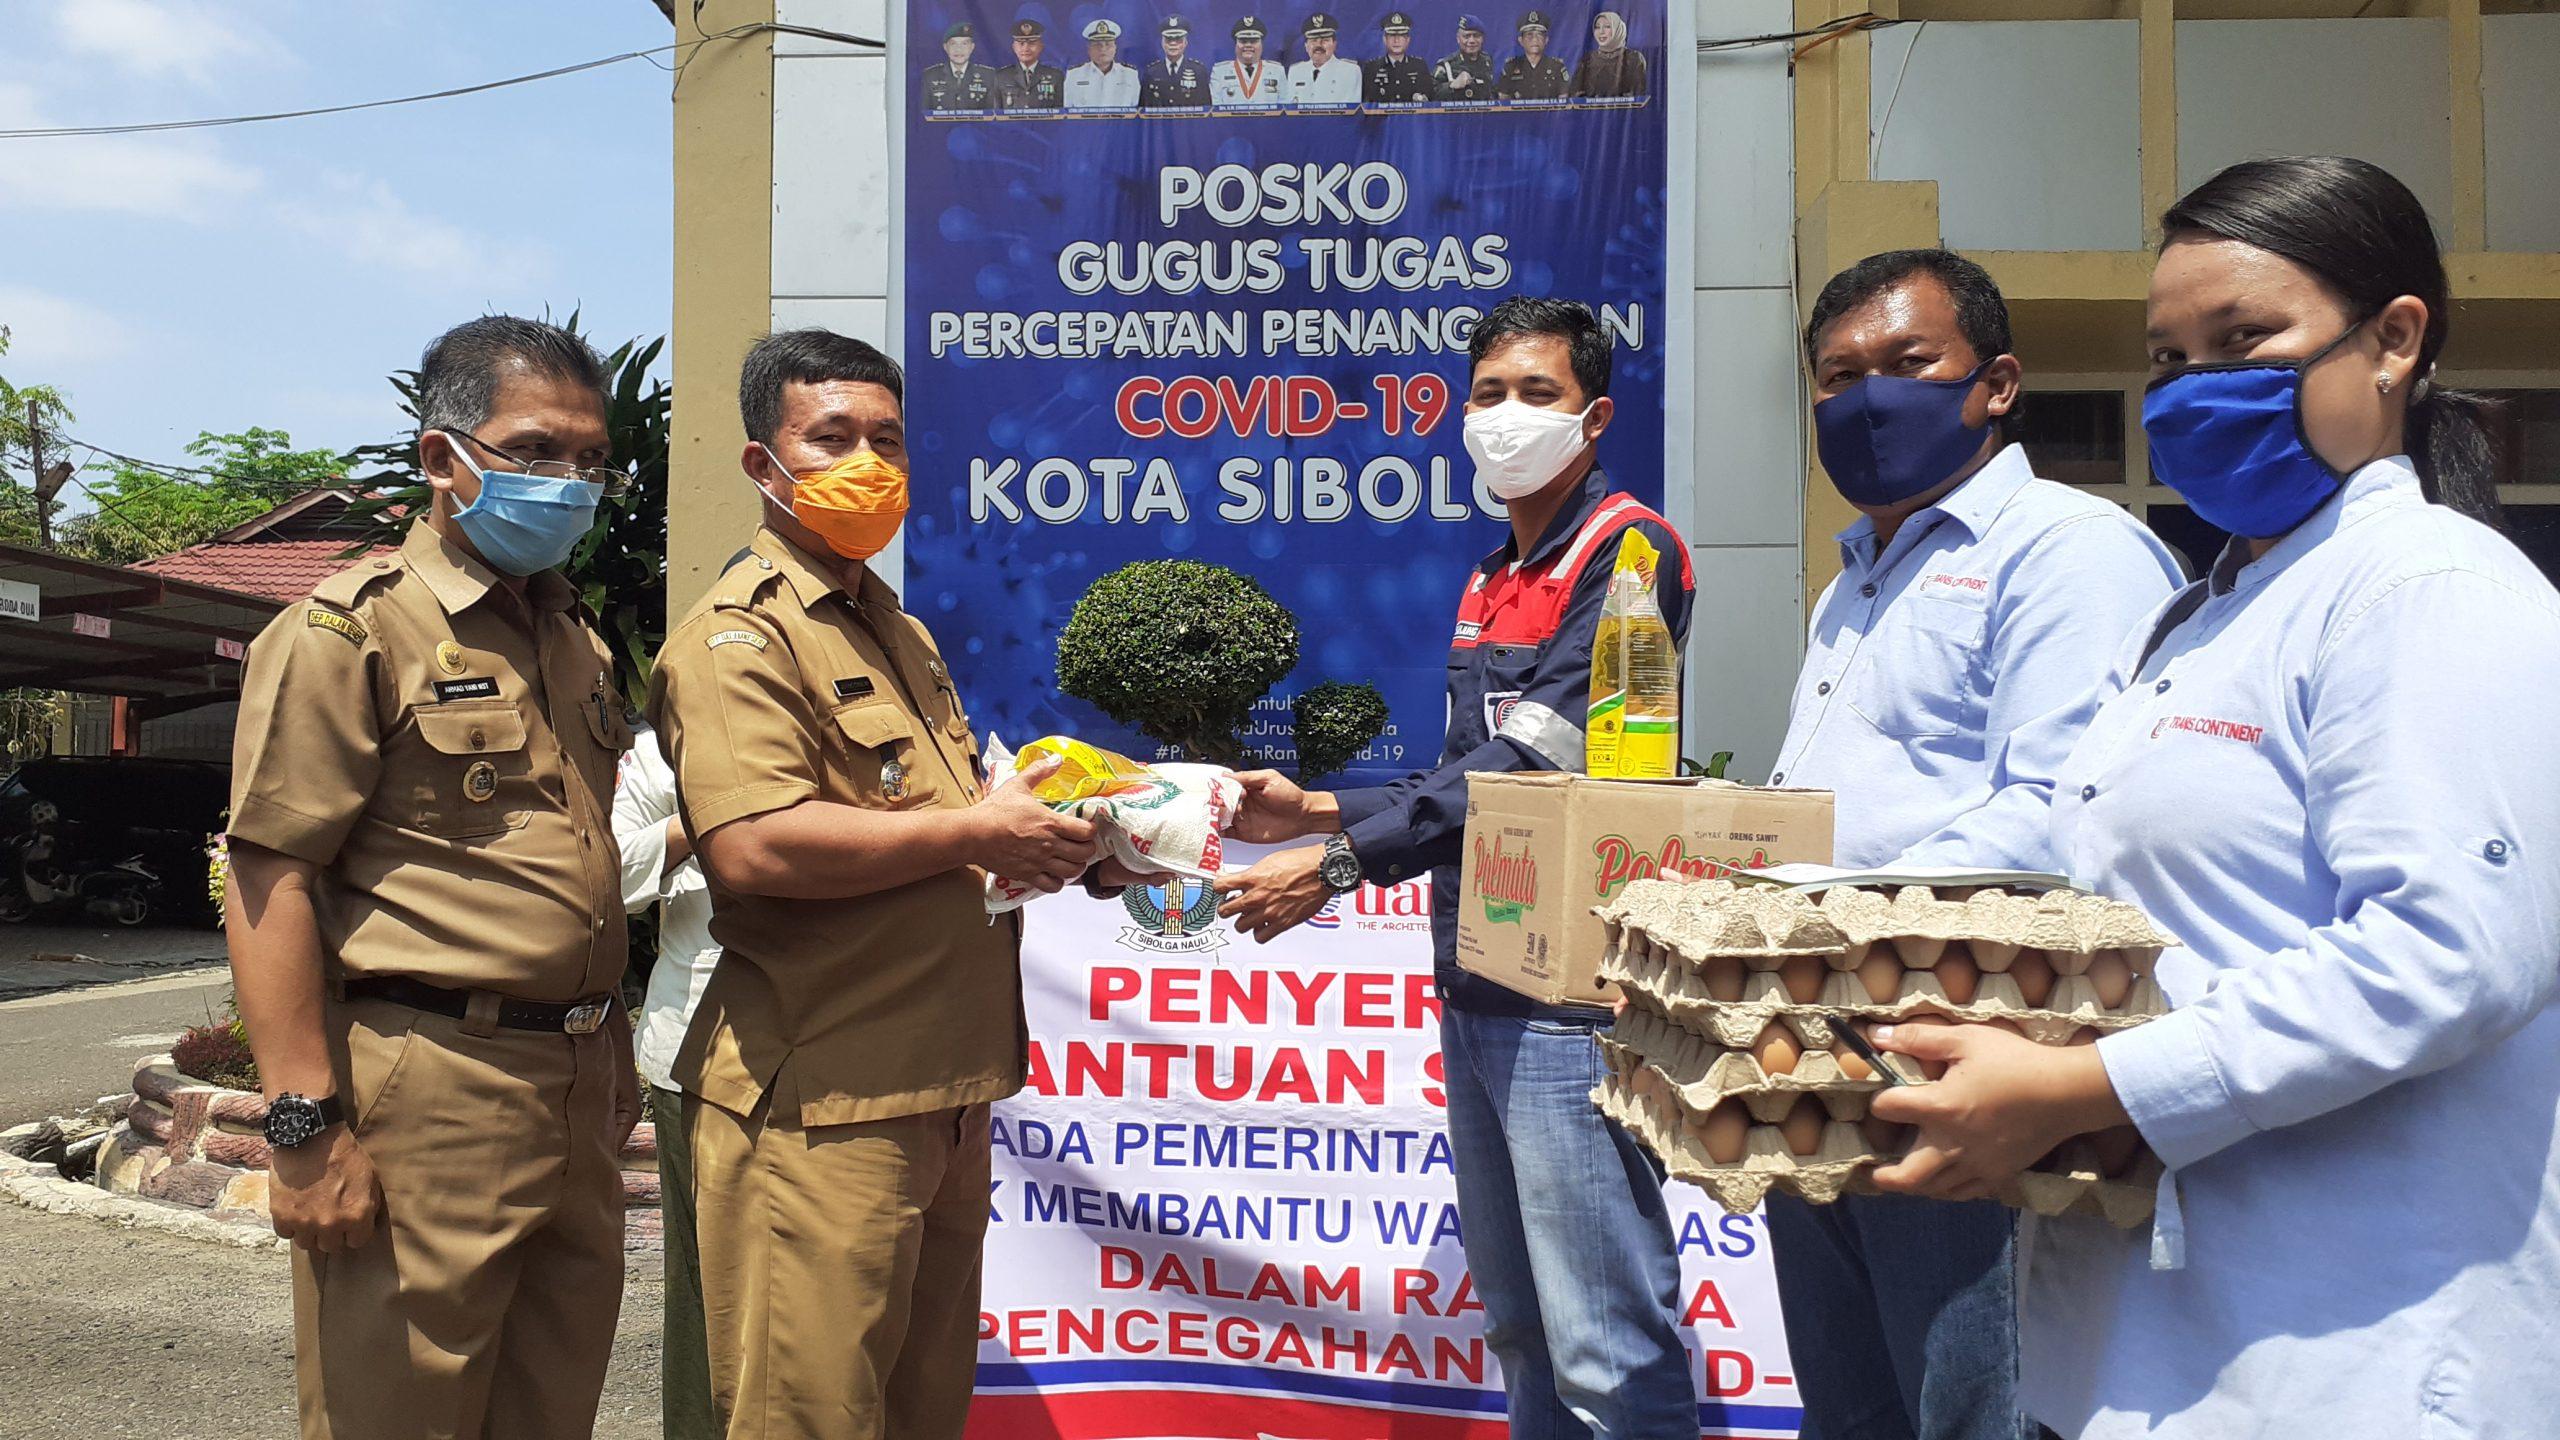 Sekretaris Gugus Tugas Percepatan Penaganan Covid-19 Kota Sibolga Juangon Daulay saat menerima bantuan yang diserahkan Kordinator Transcontinent Cabang Sibolga Hadi Tanjung. Foto: istimewa